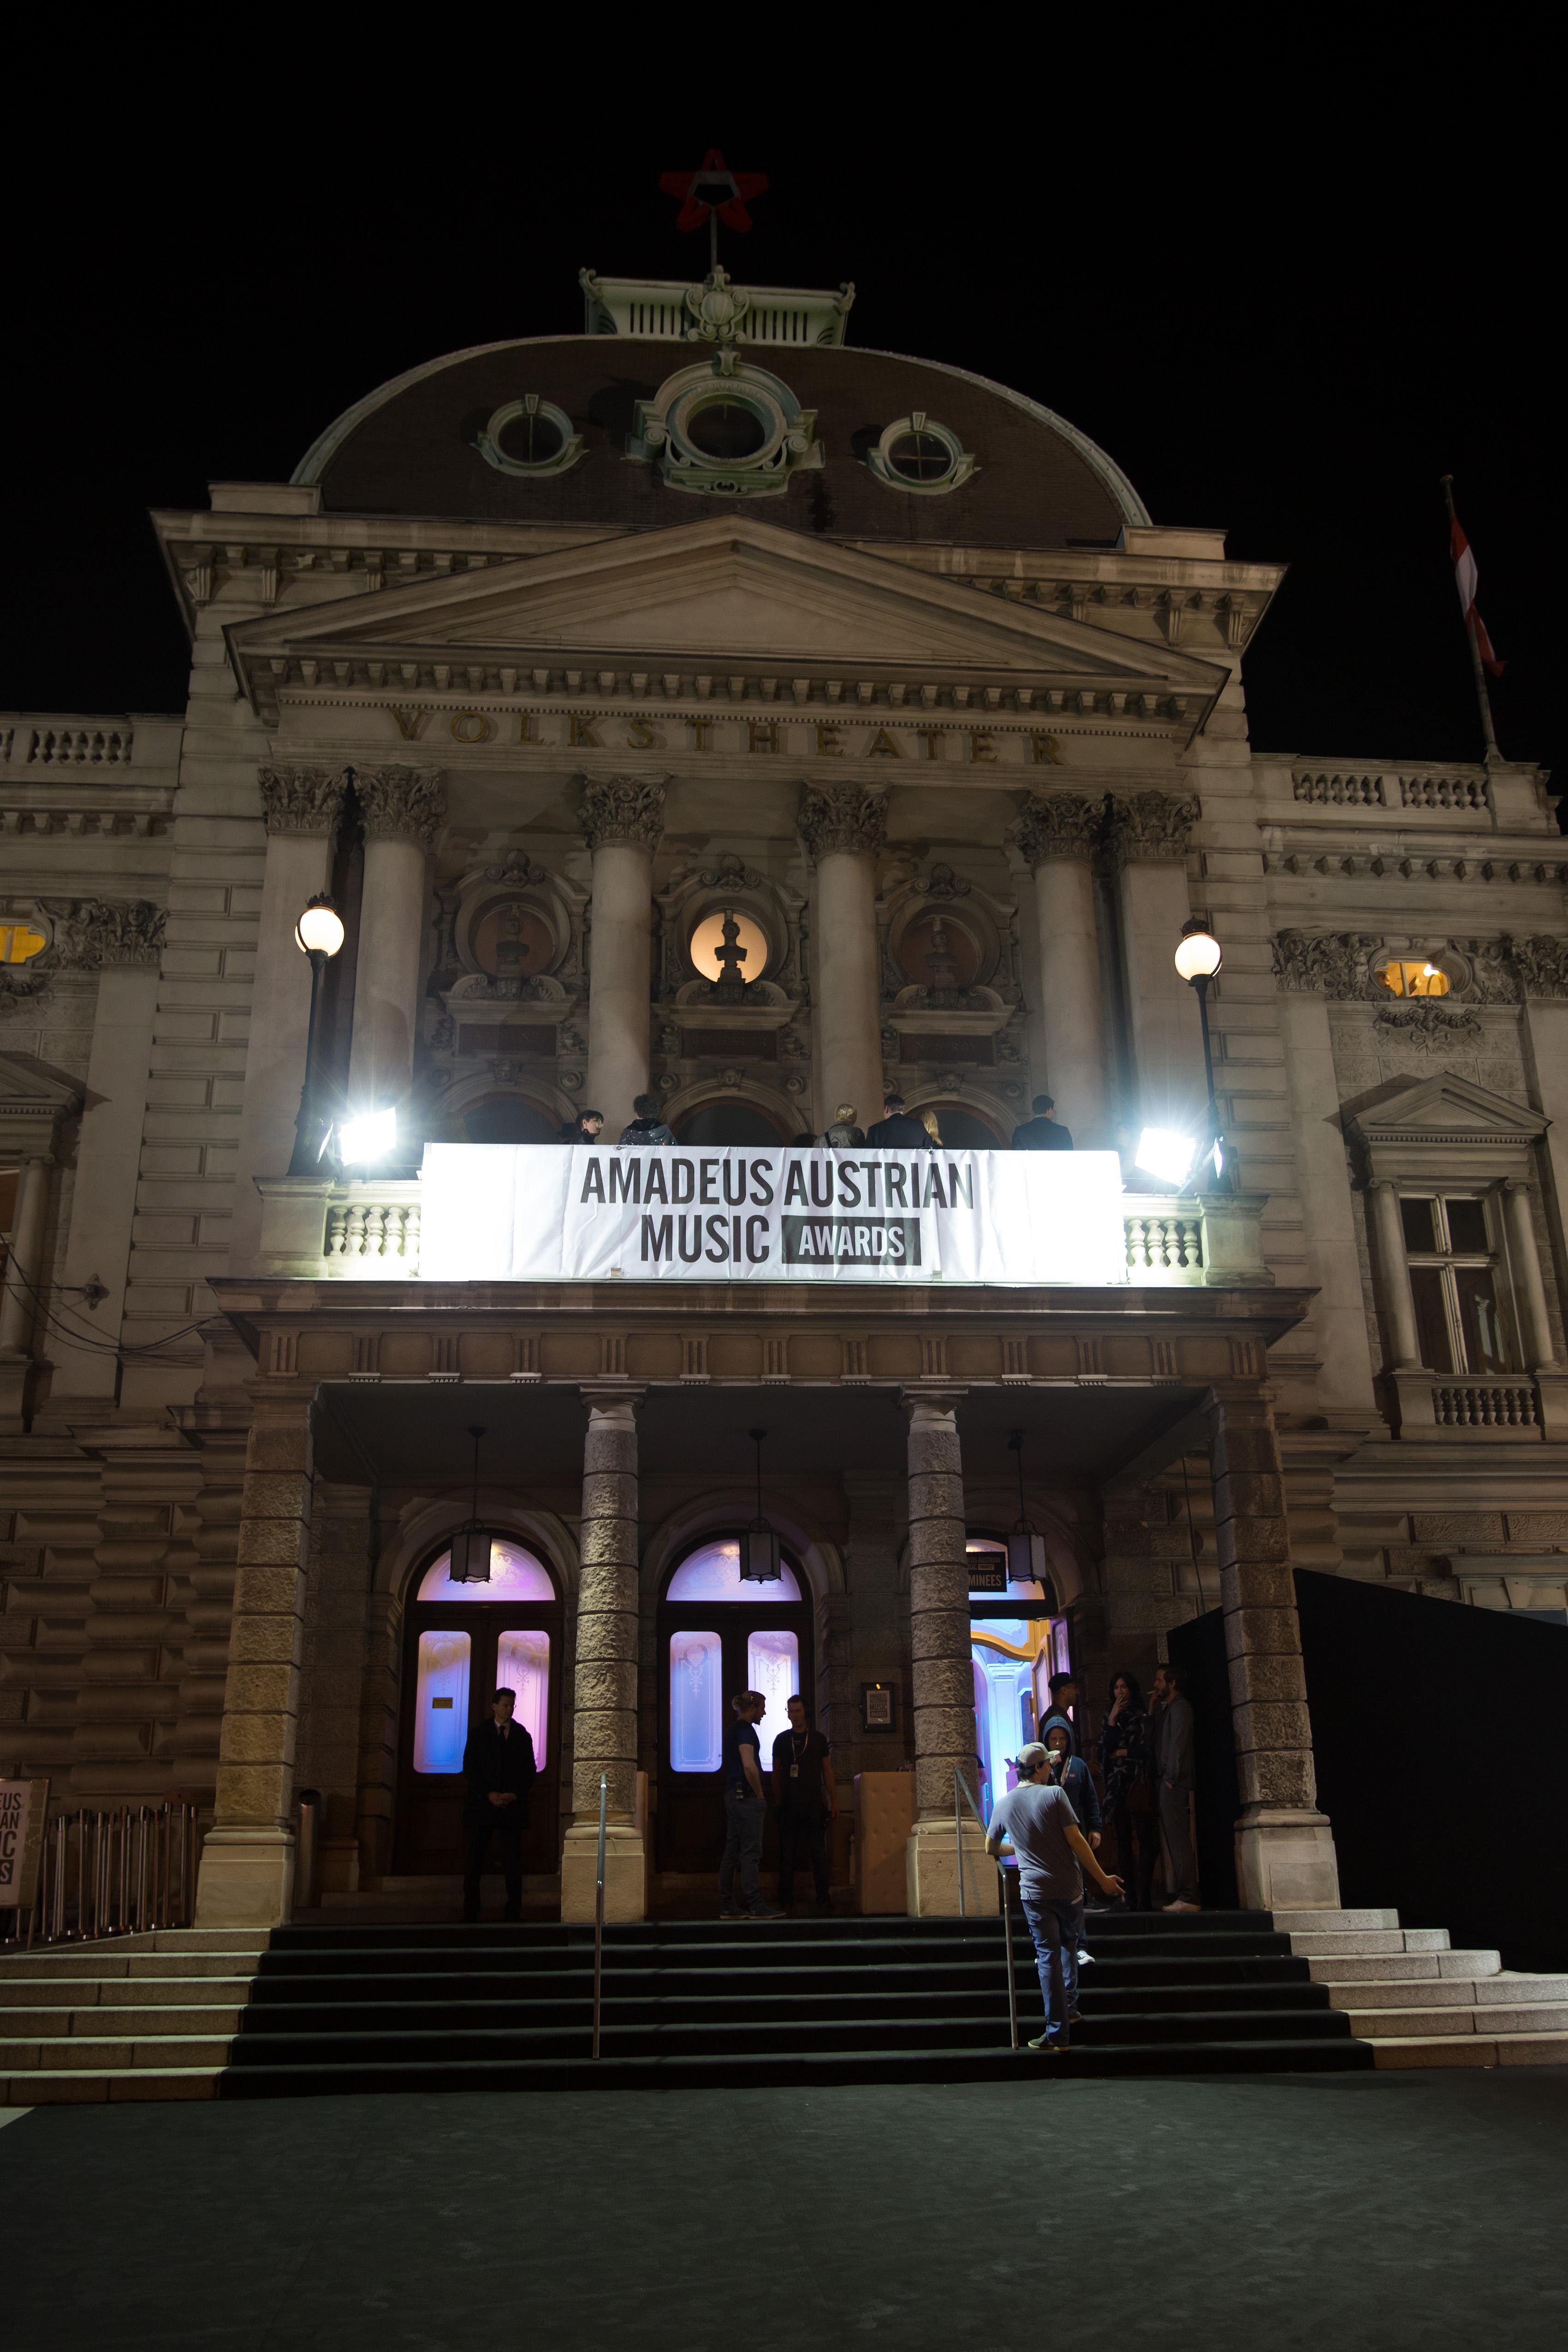 Amadeus Austrian Music Awards 2015